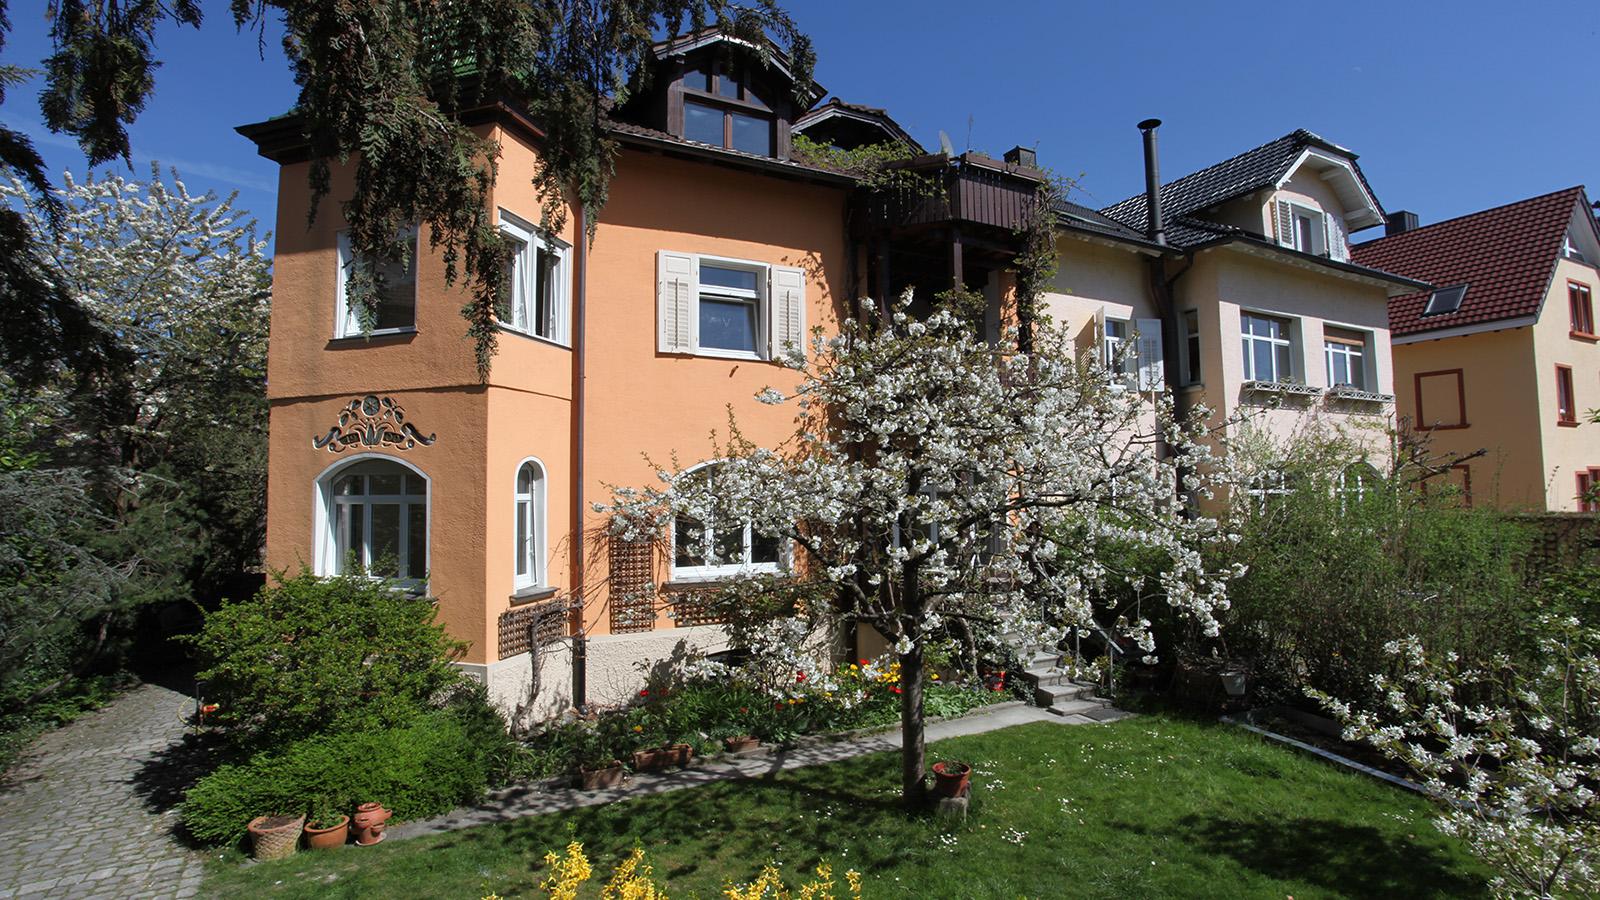 Ferienwohnung Roos Konstanz Bodensee Hausansicht Sommer